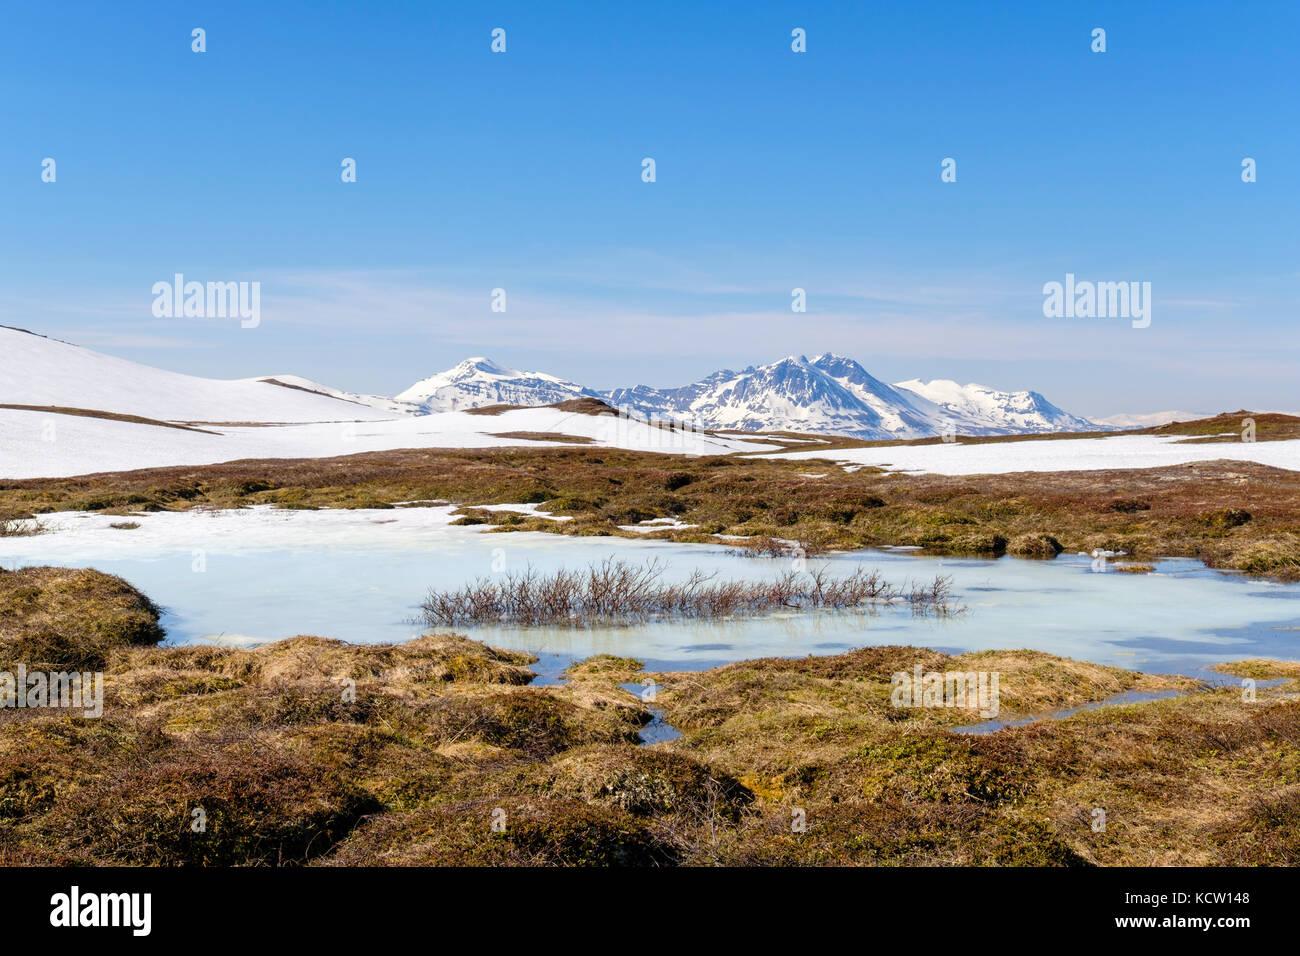 Gefrorenen Teich in der arktischen Tundra Landschaft auf dem Berg Storsteinen im Sommer. Tromso, Troms, Norwegen, Stockbild